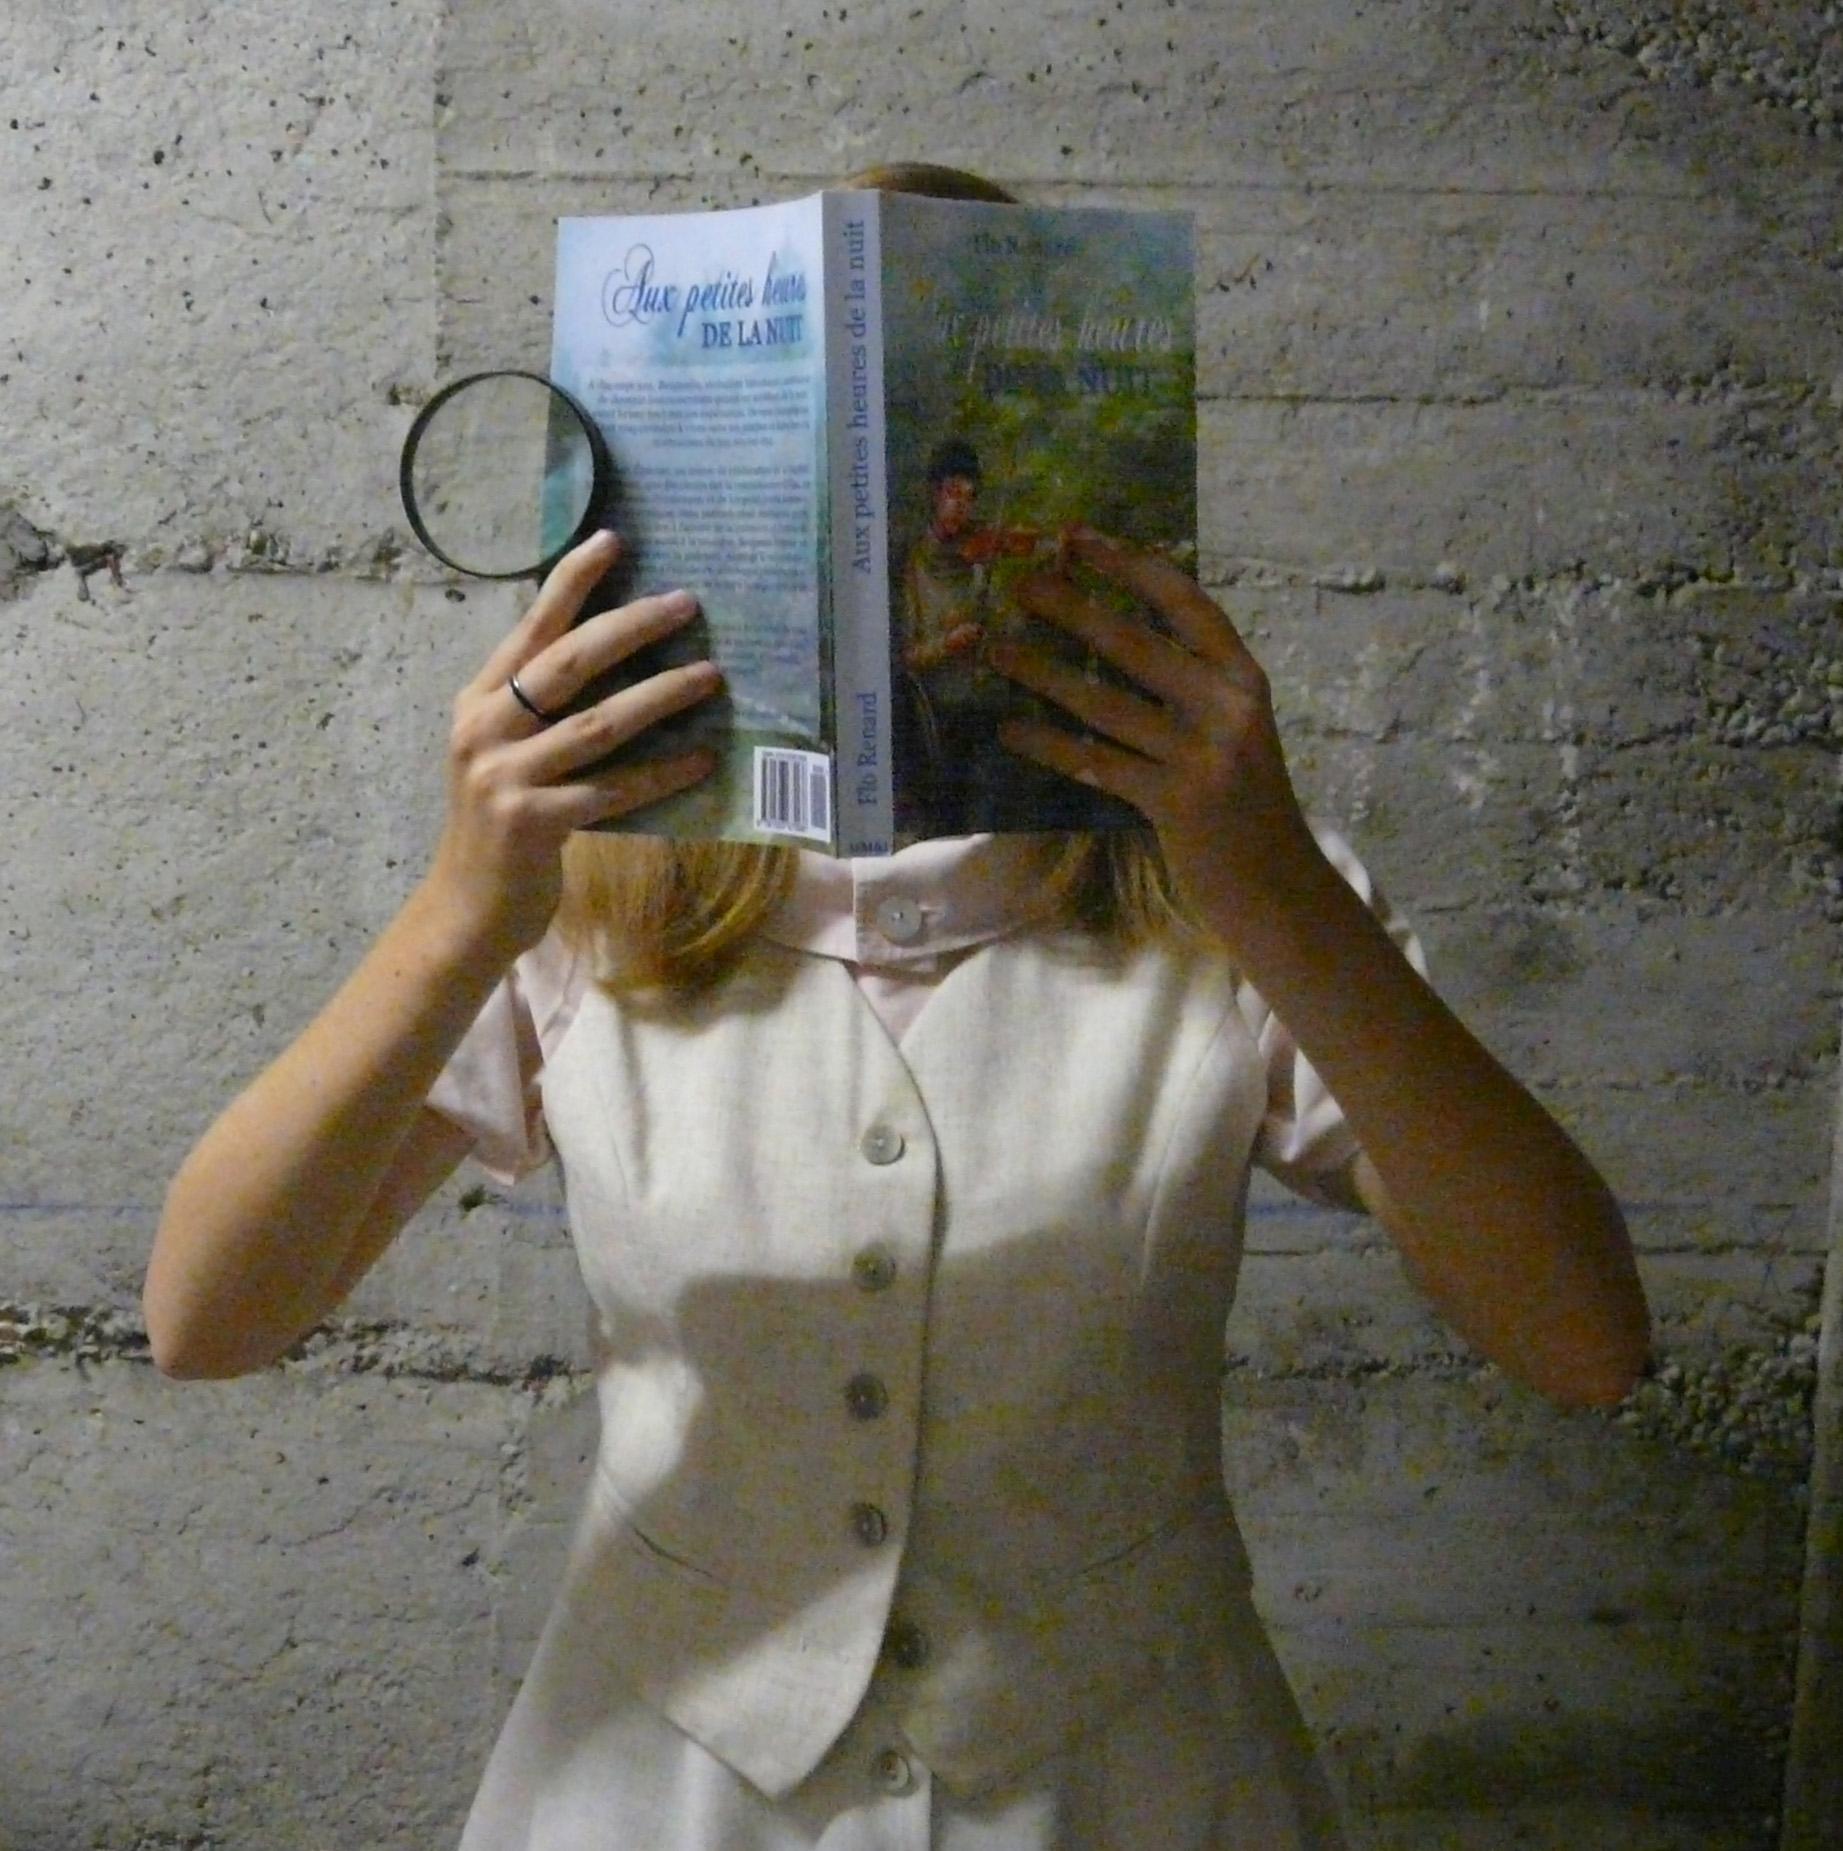 femme en tailleur démodé lisant Aux Petites Heures de la nuit dans une cave mal éclairée, une loupe à la main